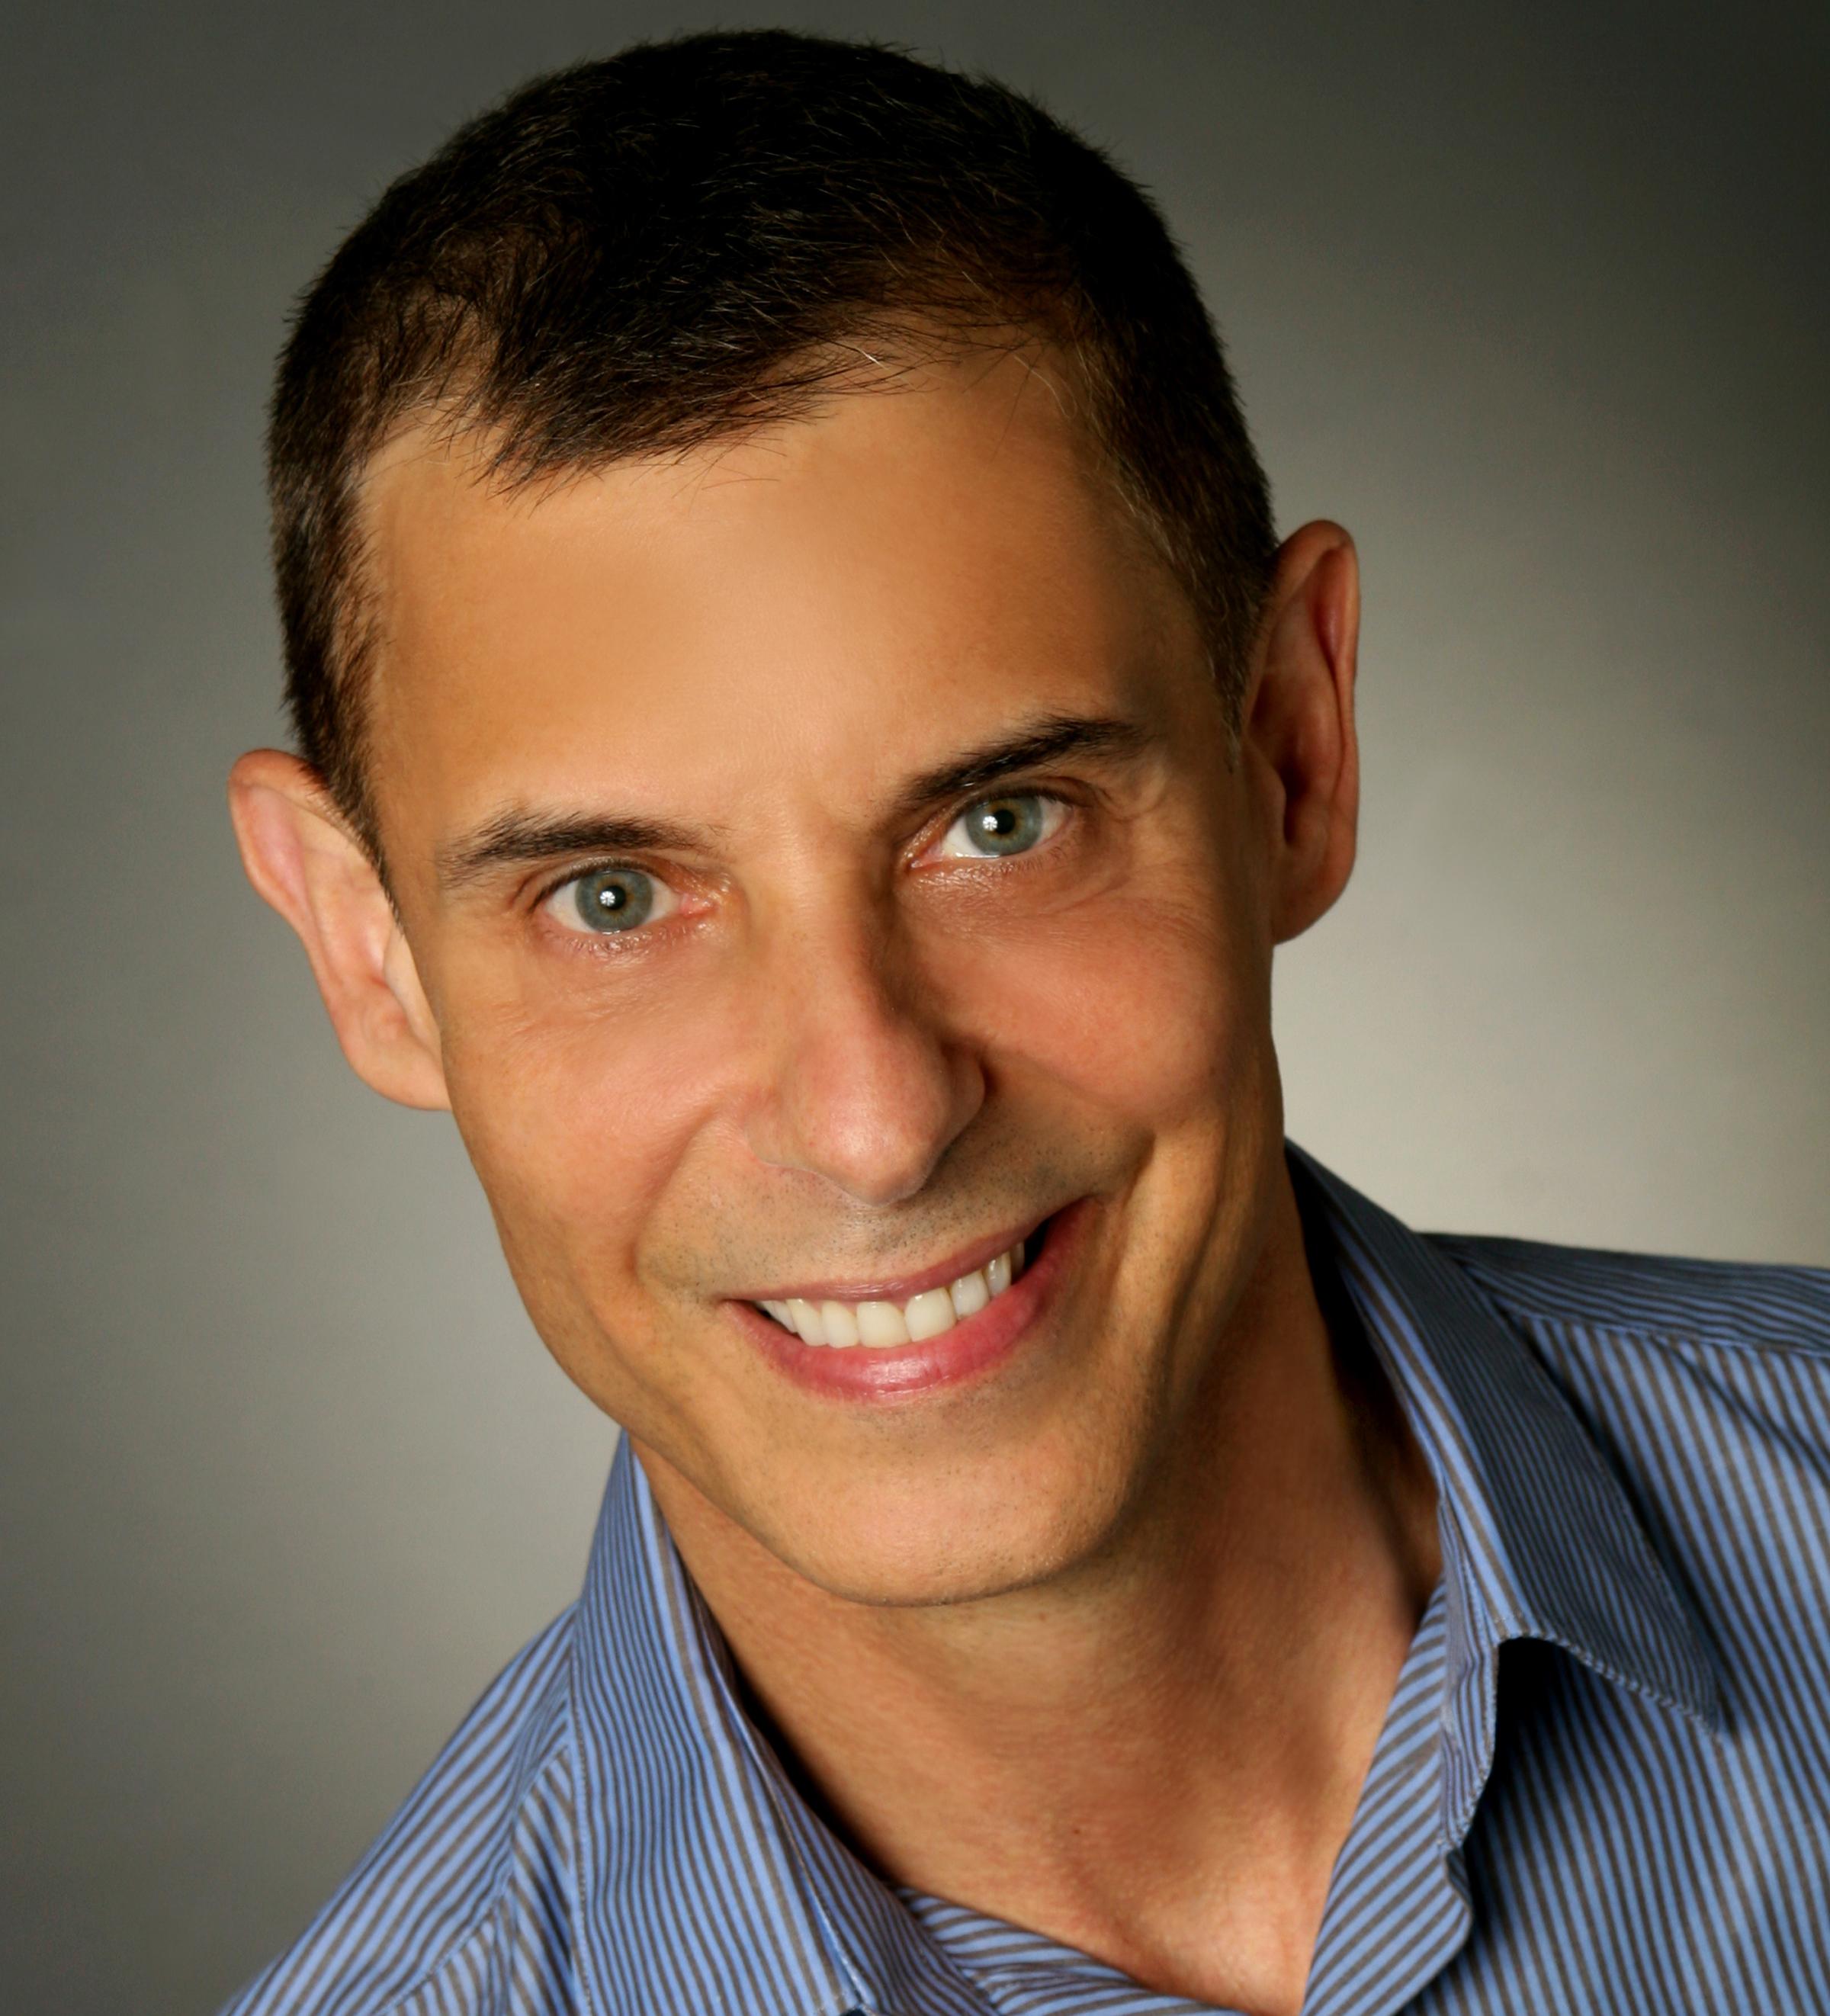 Anthony Rao, Ph.D